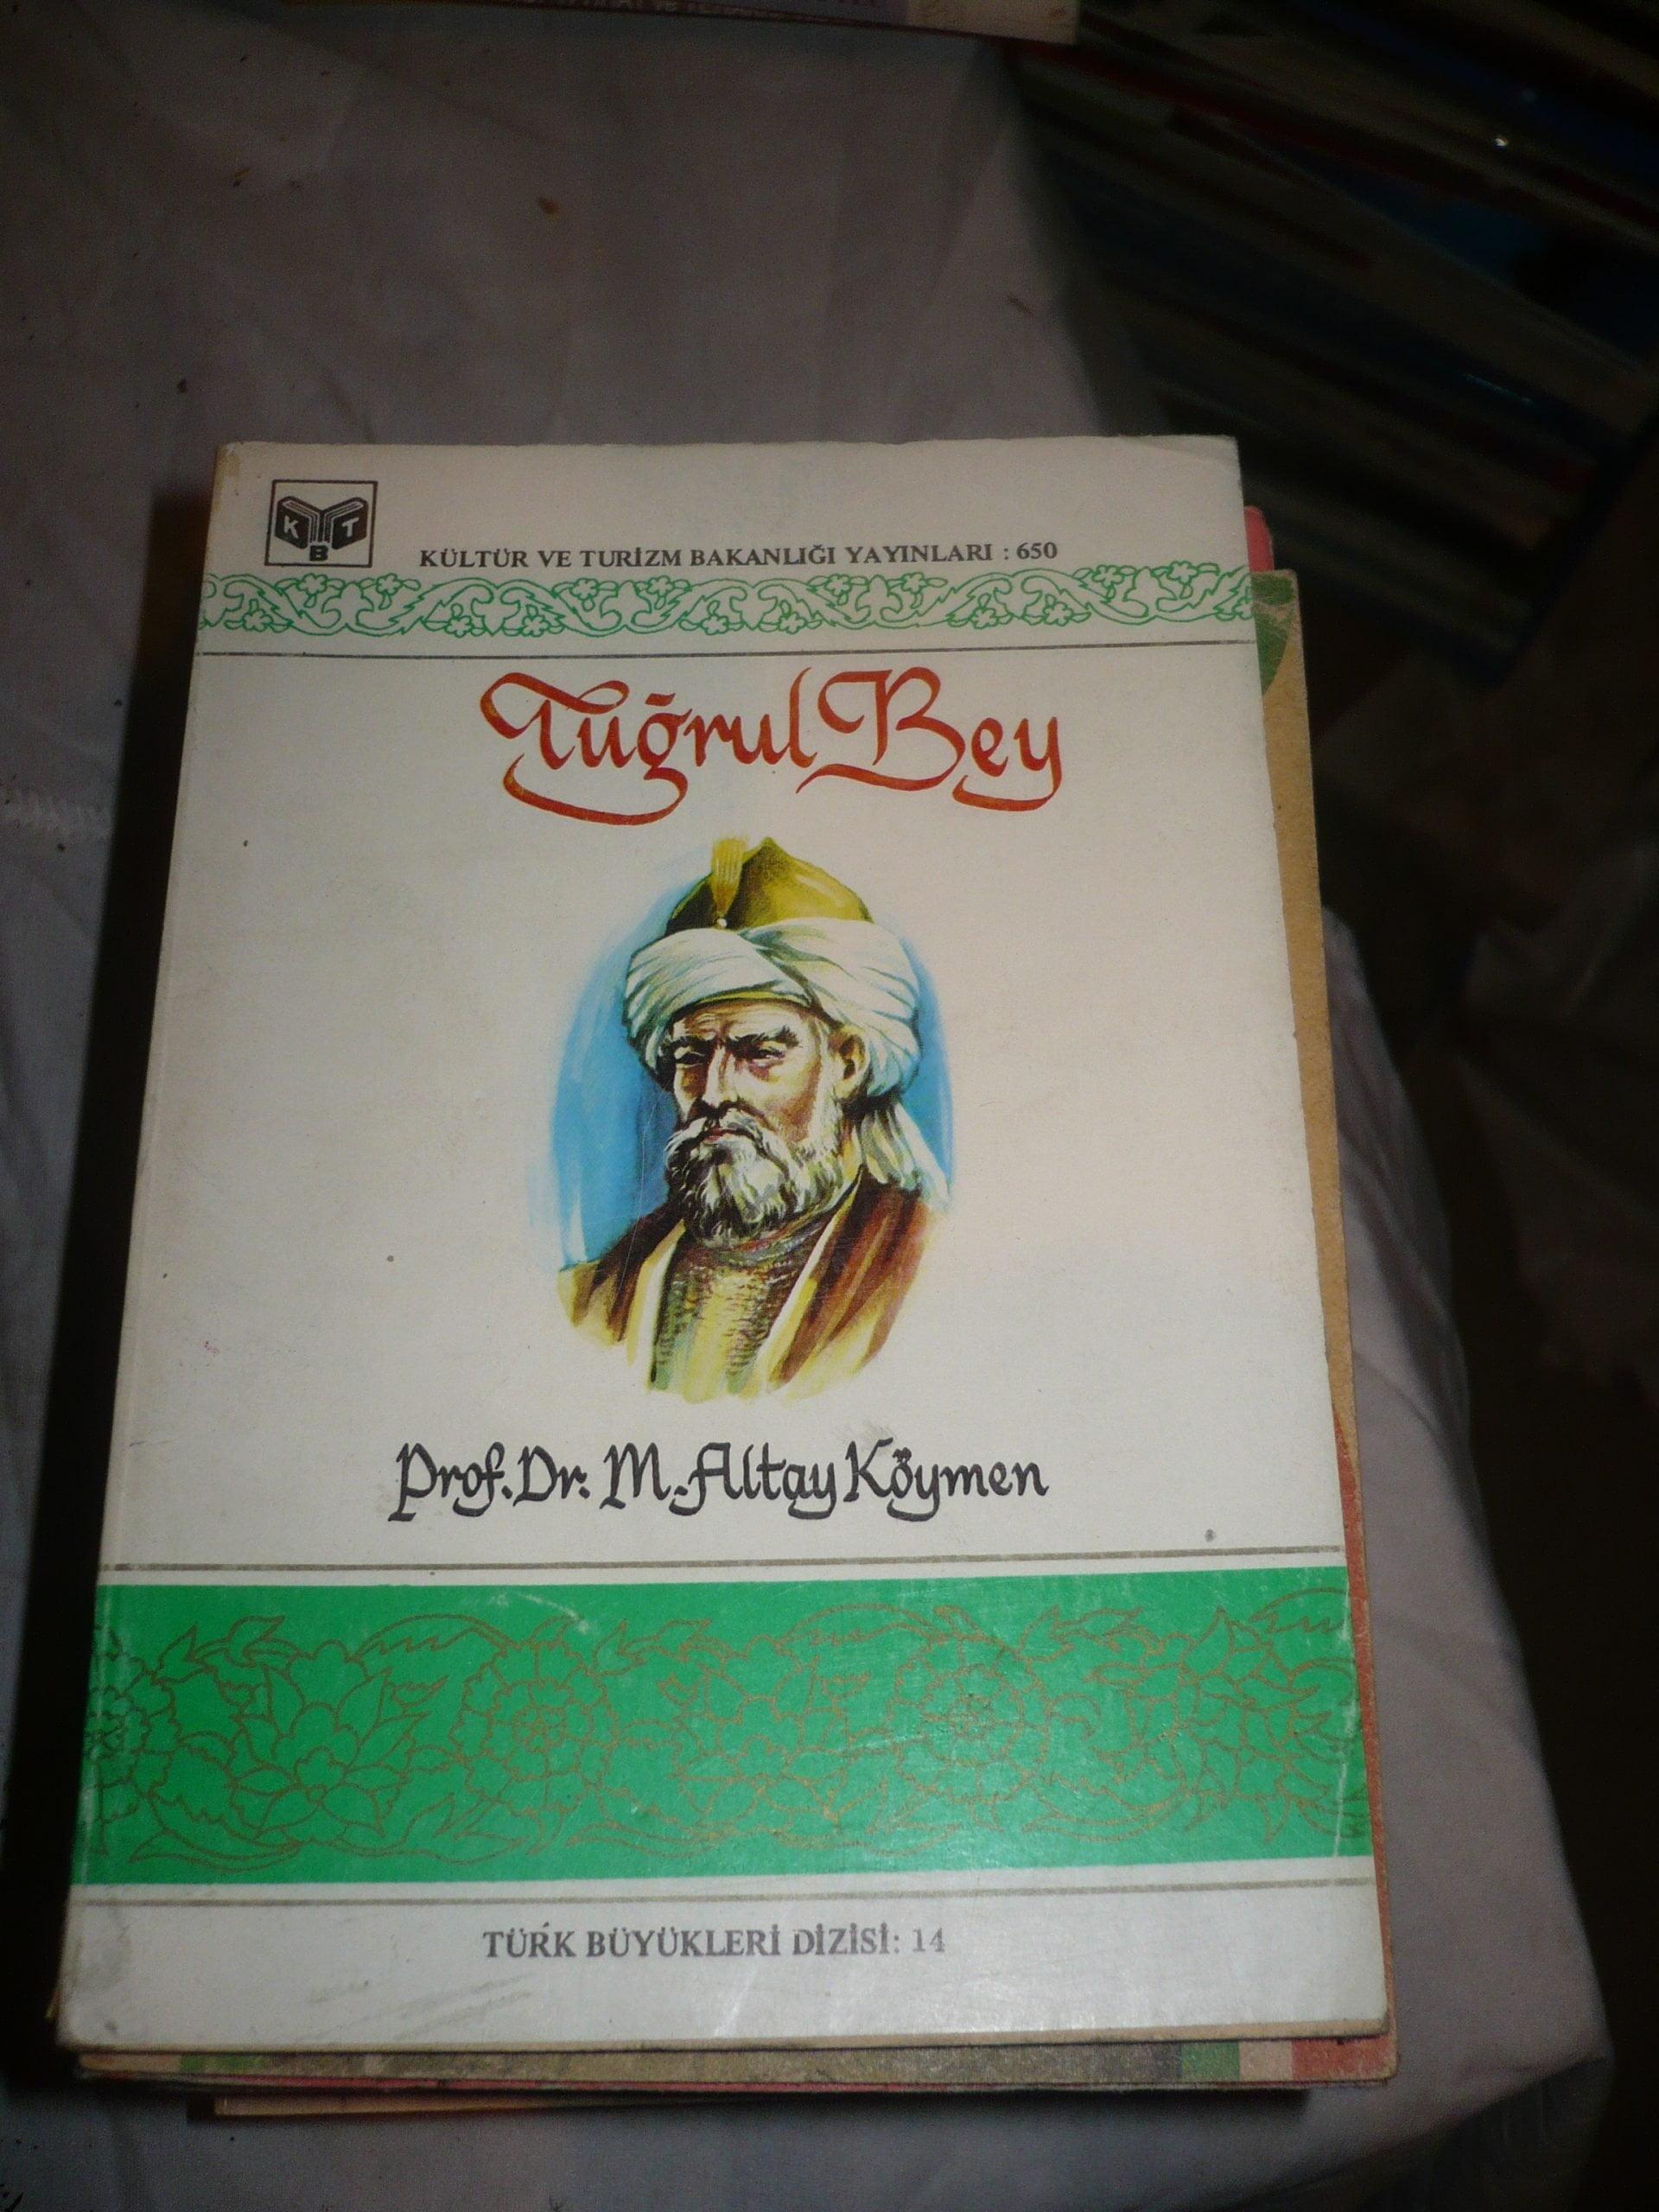 TUĞRUL BEY/Prof.Dr.M.Altay KÖYMEN/ 10 tl